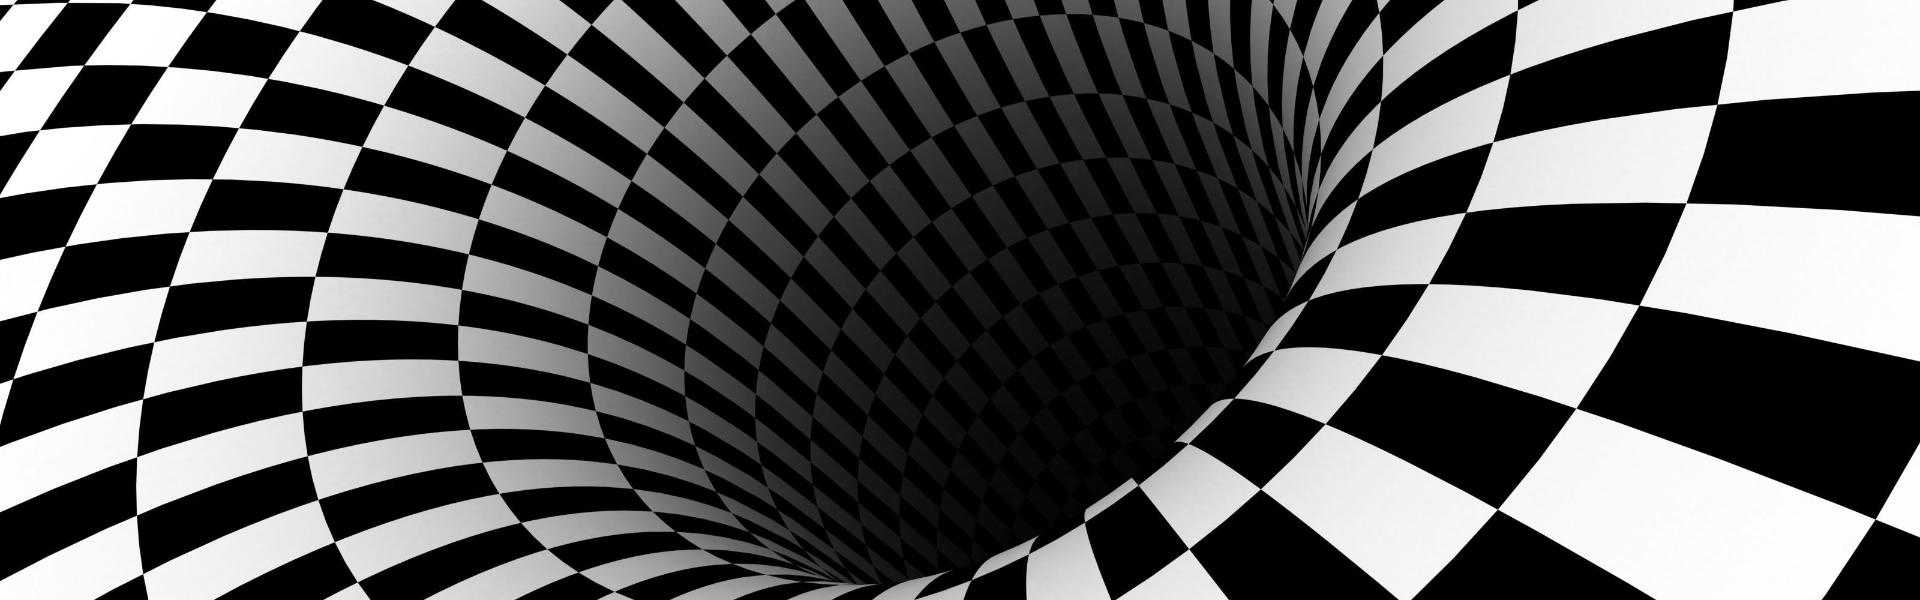 Illusione ottica: cosa vedete?